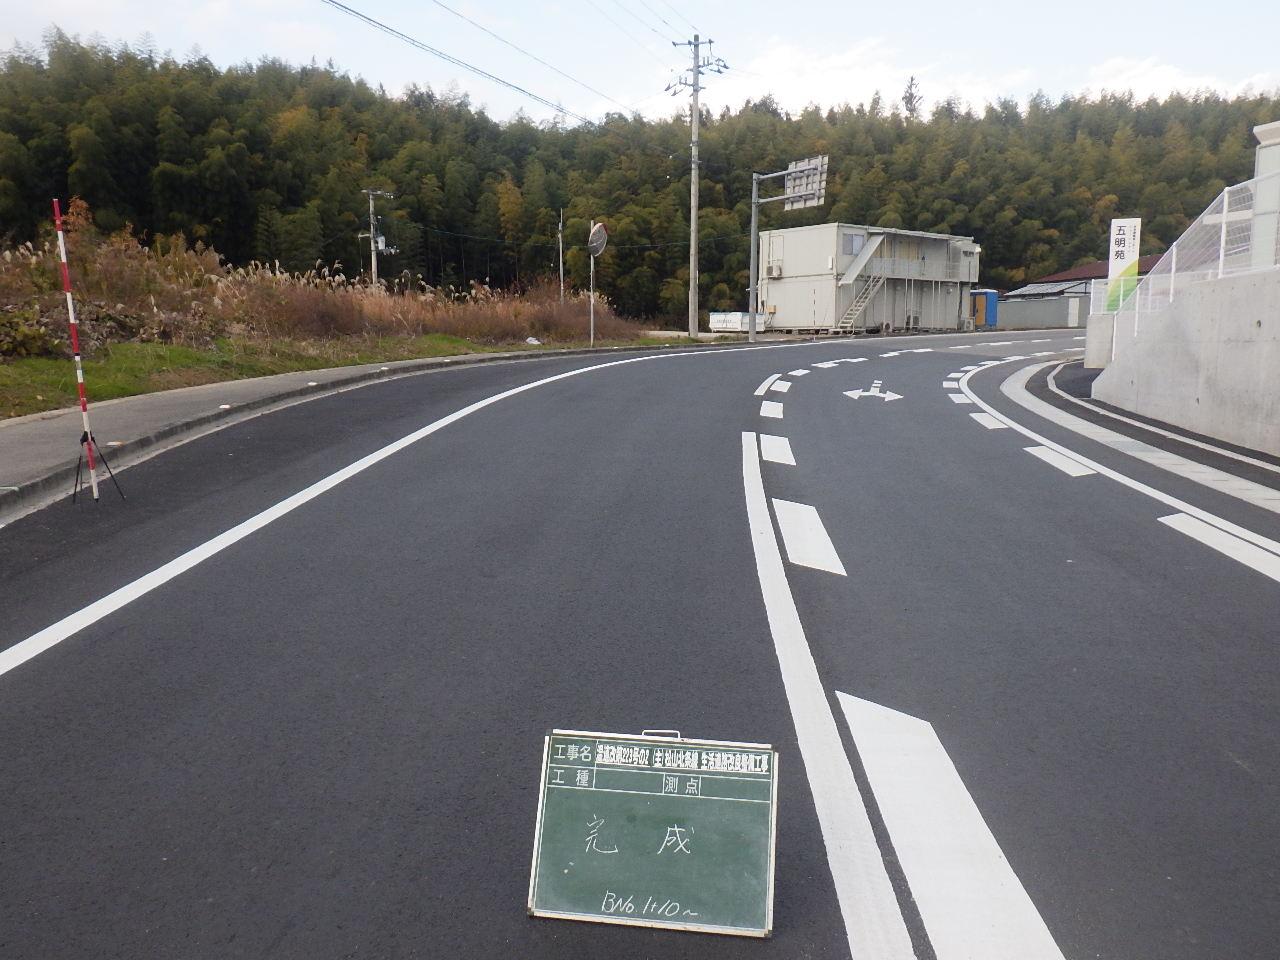 温道改第223号の2(主)松山北条線 生活道路改良整備工事